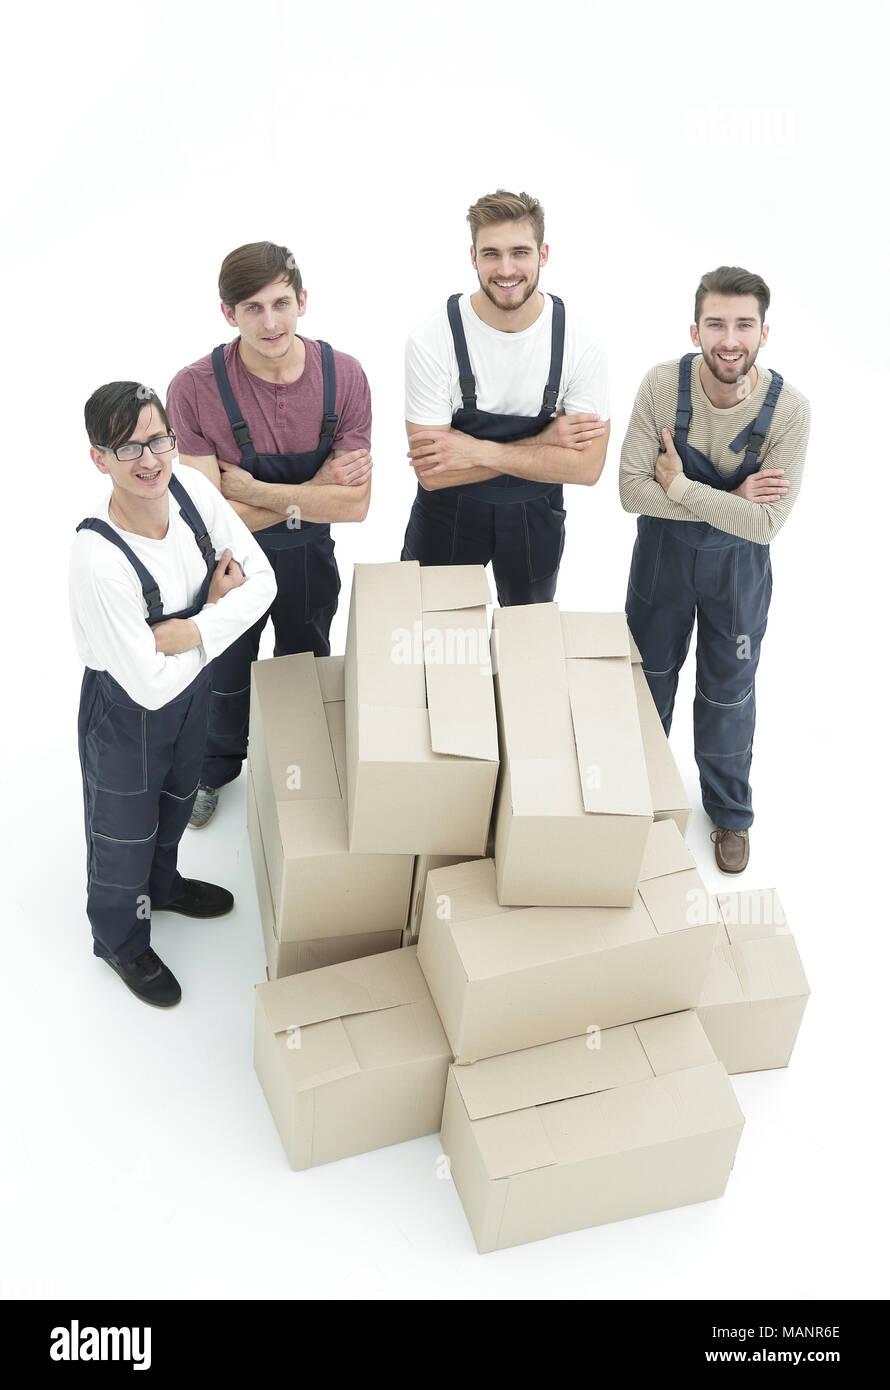 Happy smiling déménageurs chargés de boîtes, isolé sur blanc backgroun Photo Stock